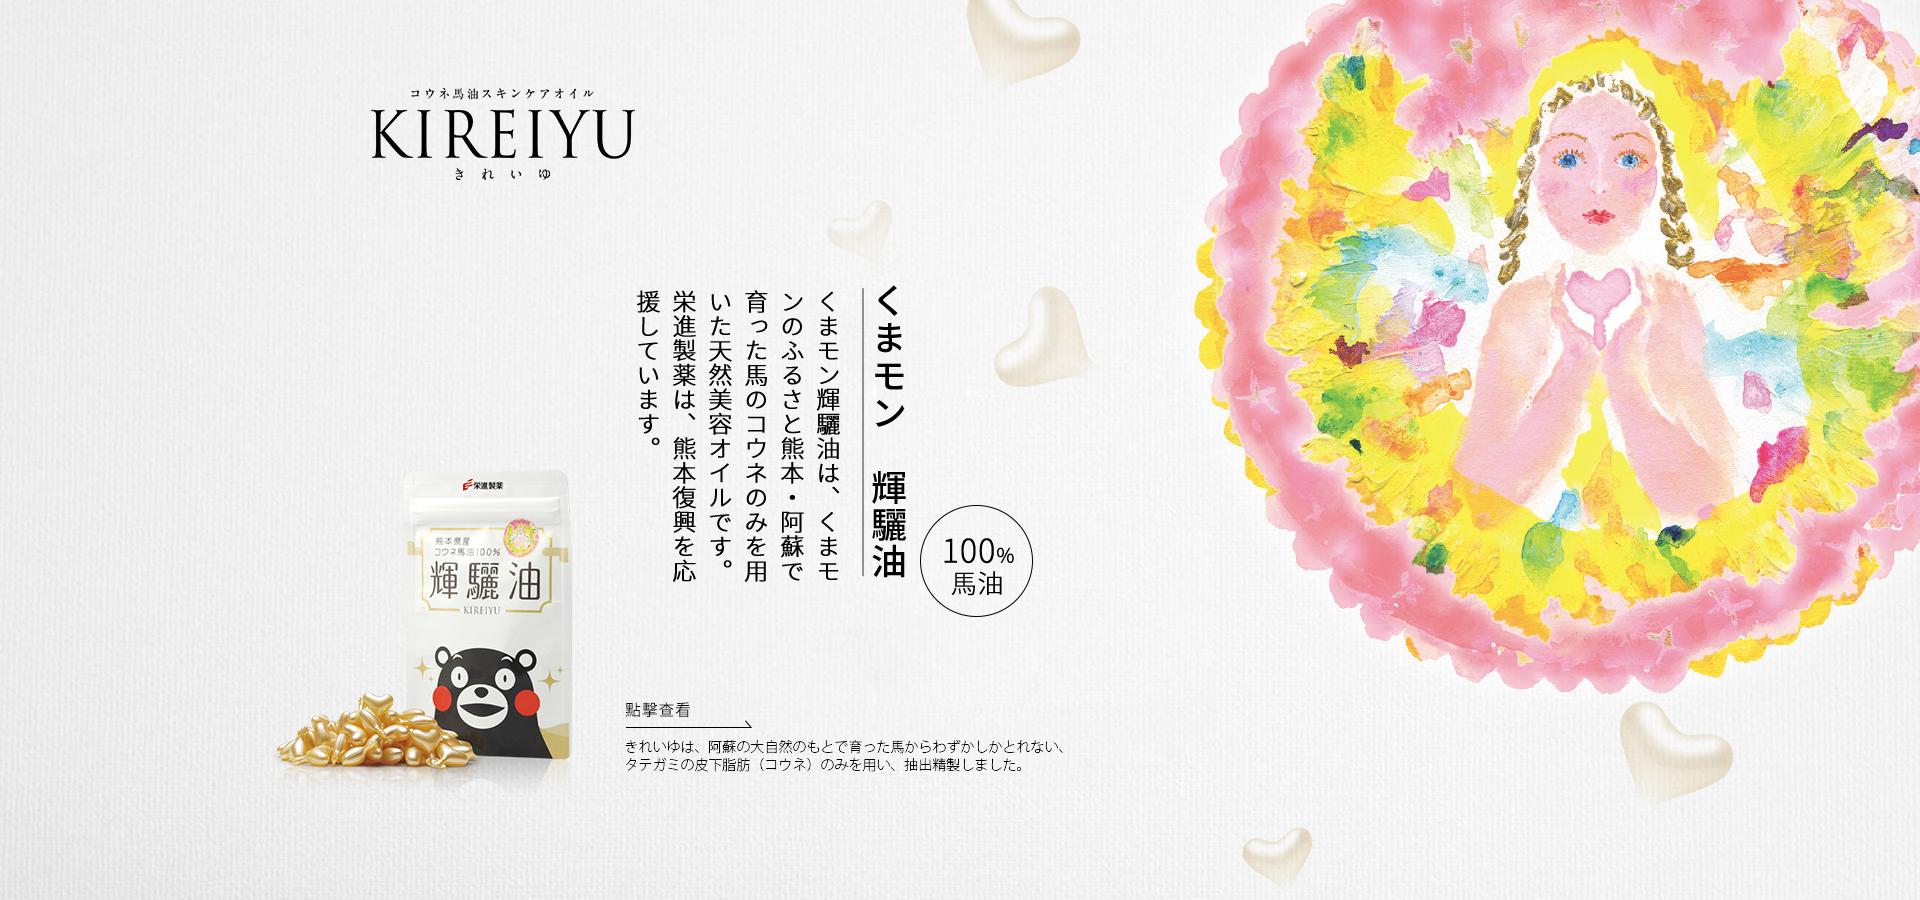 KIREIYU輝驪油,是一款100%馬油成份的高效導入精華油